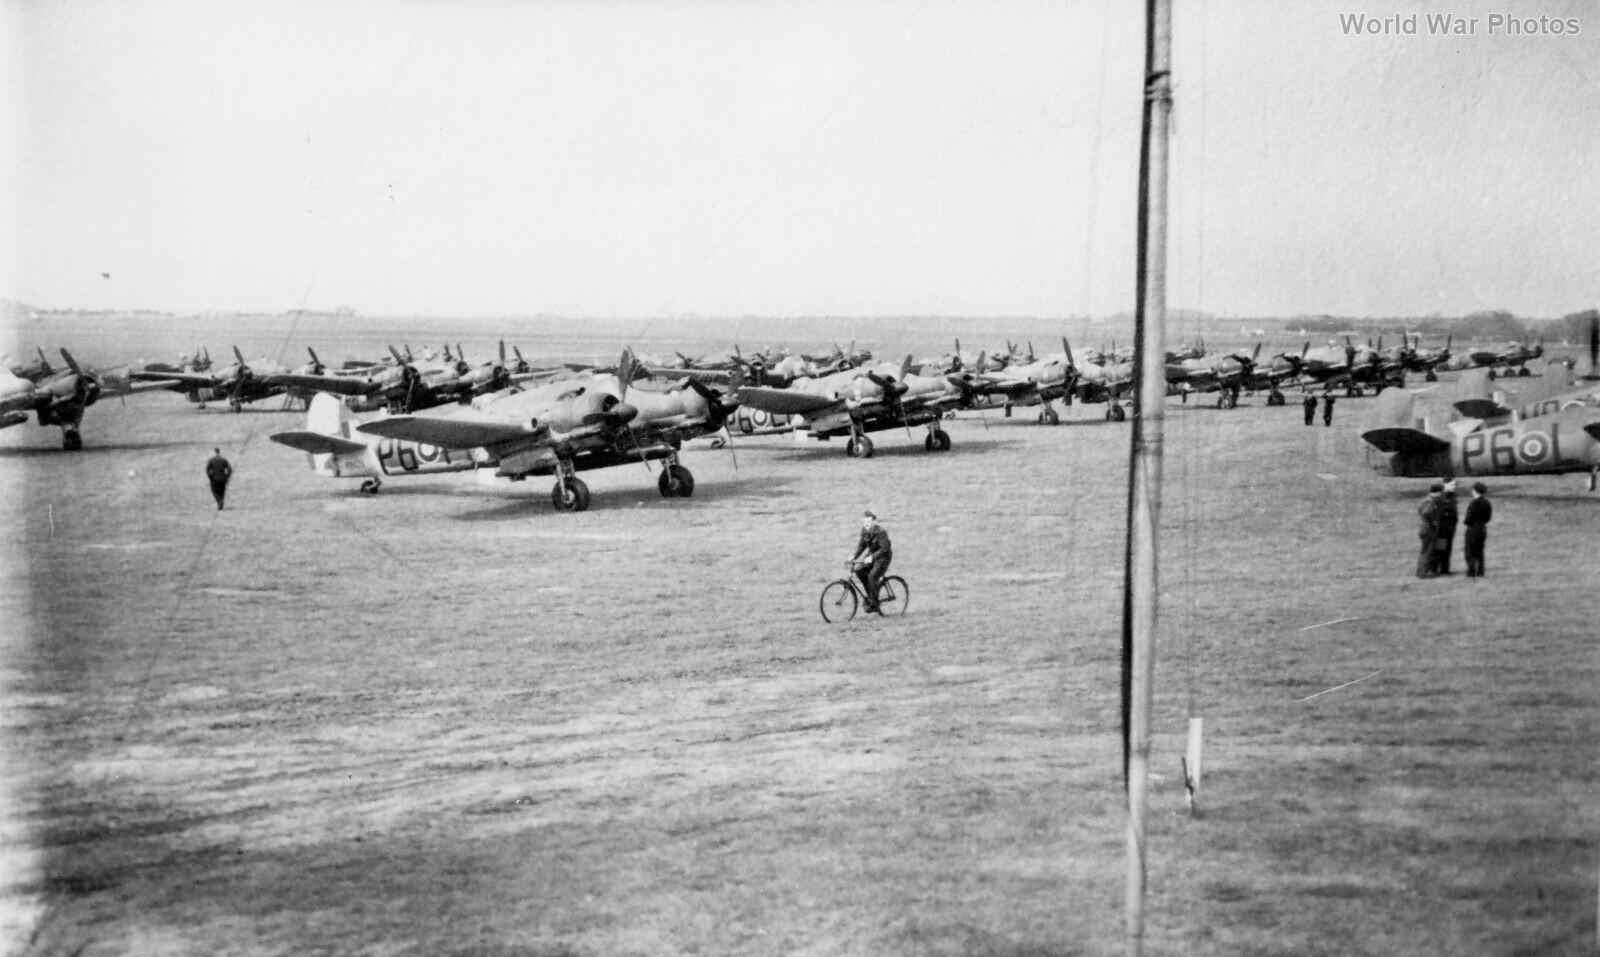 Dallachy Wing Langham 5 May 1945